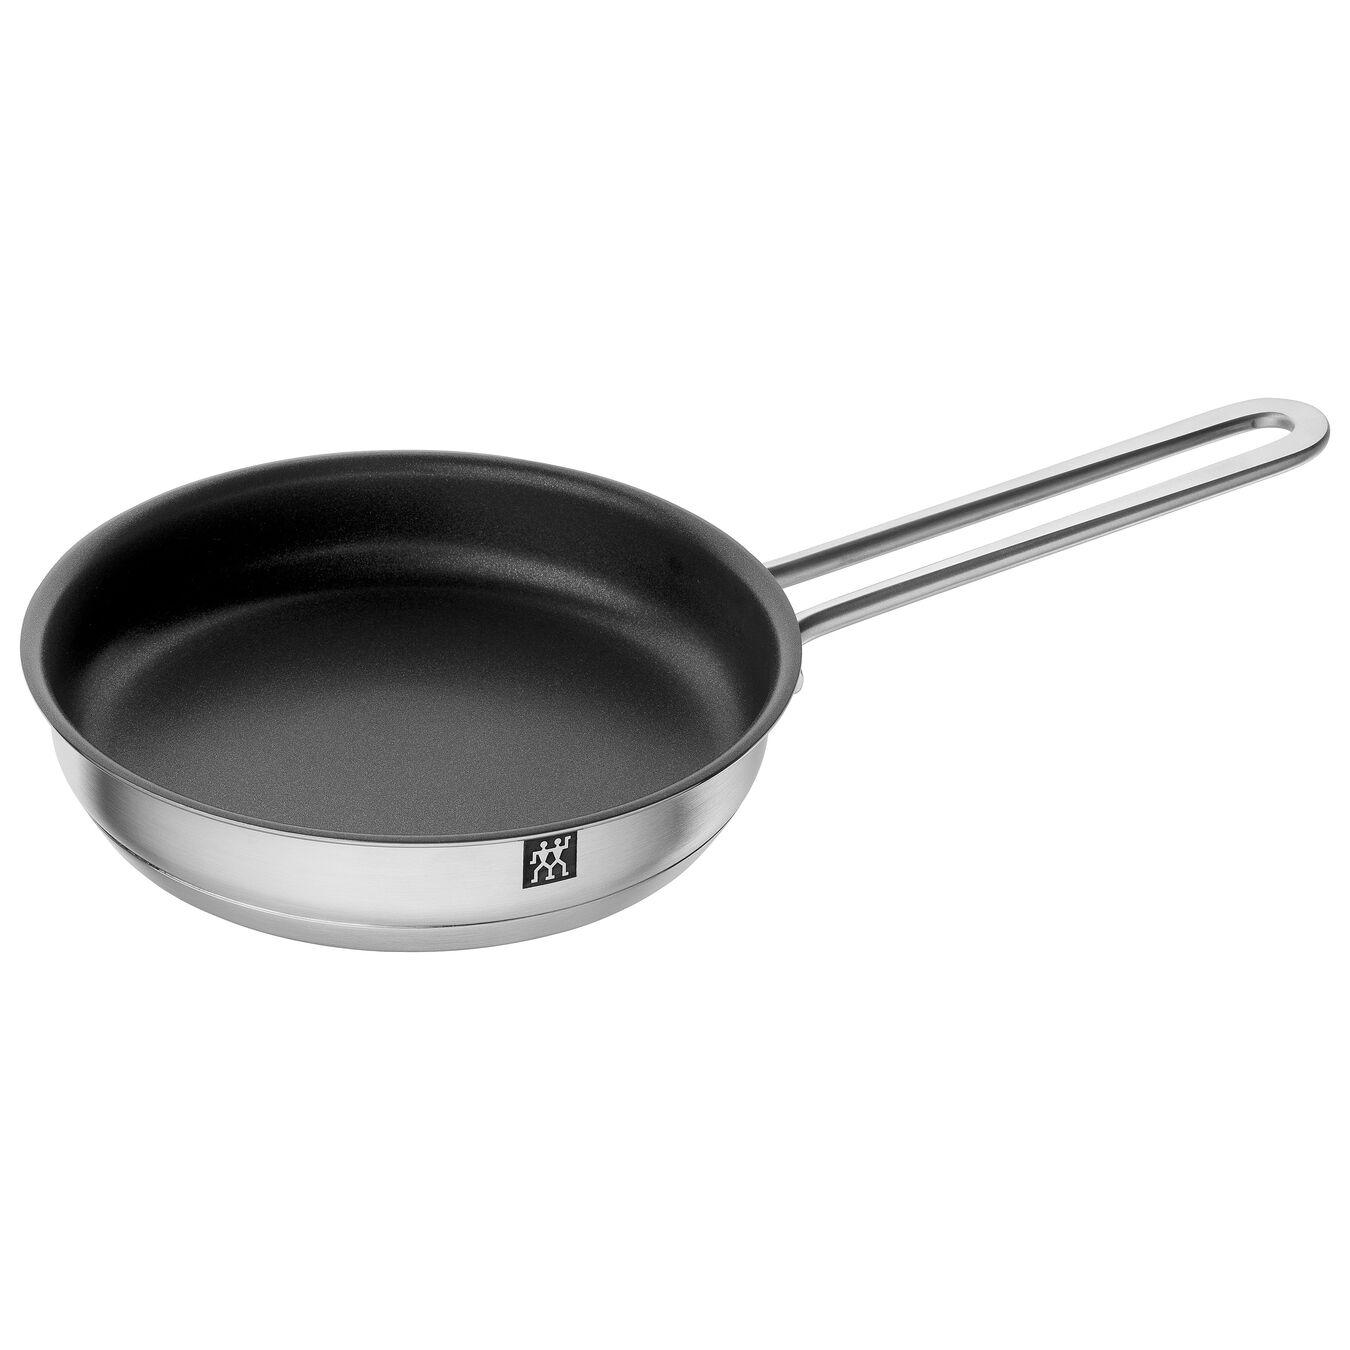 Ensemble de casseroles et poêles 4-pcs, Inox 18/10,,large 2